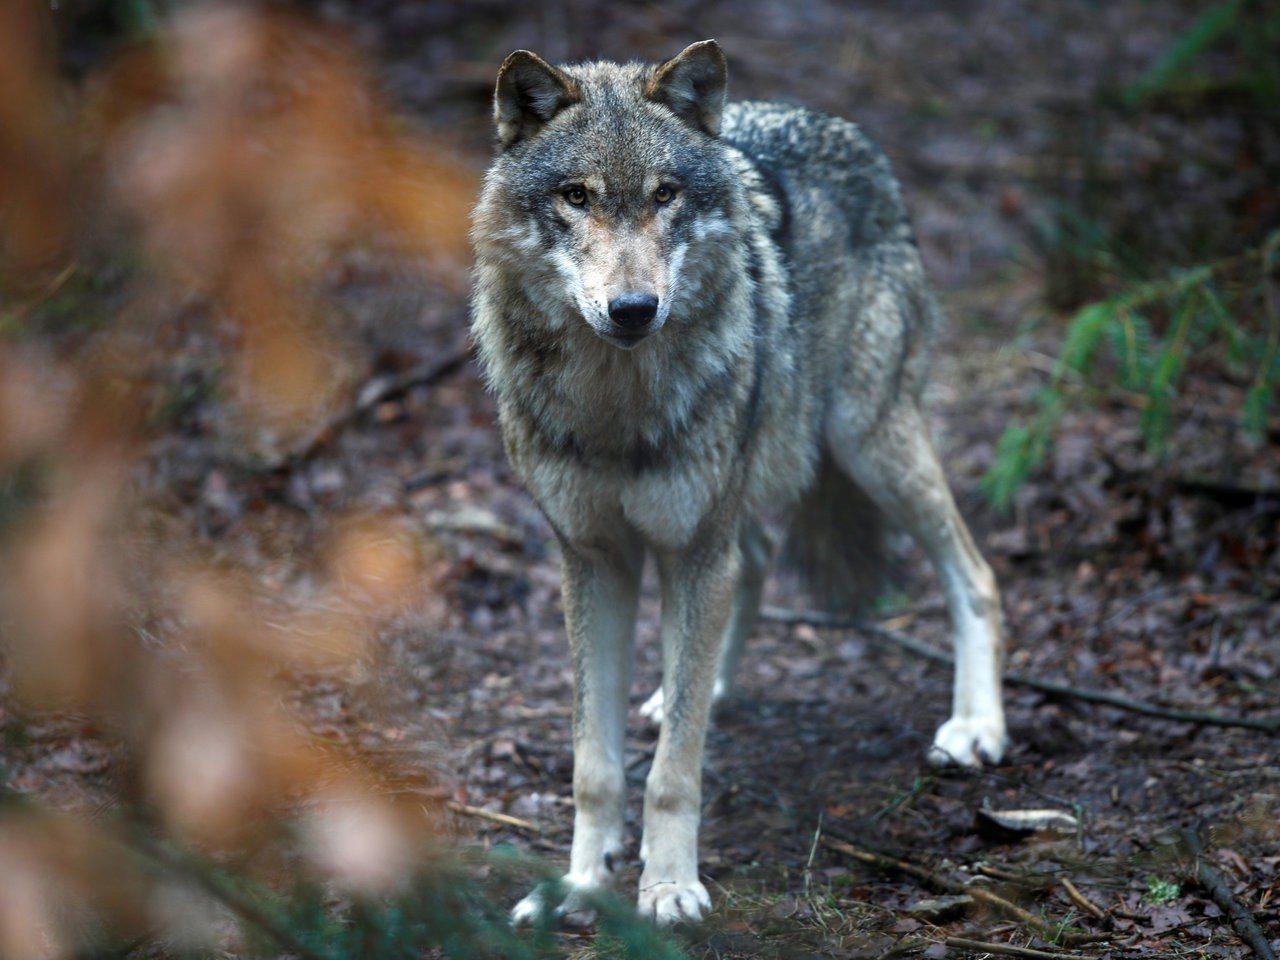 德國紹爾夫海德野生動物園的一隻狼。路透